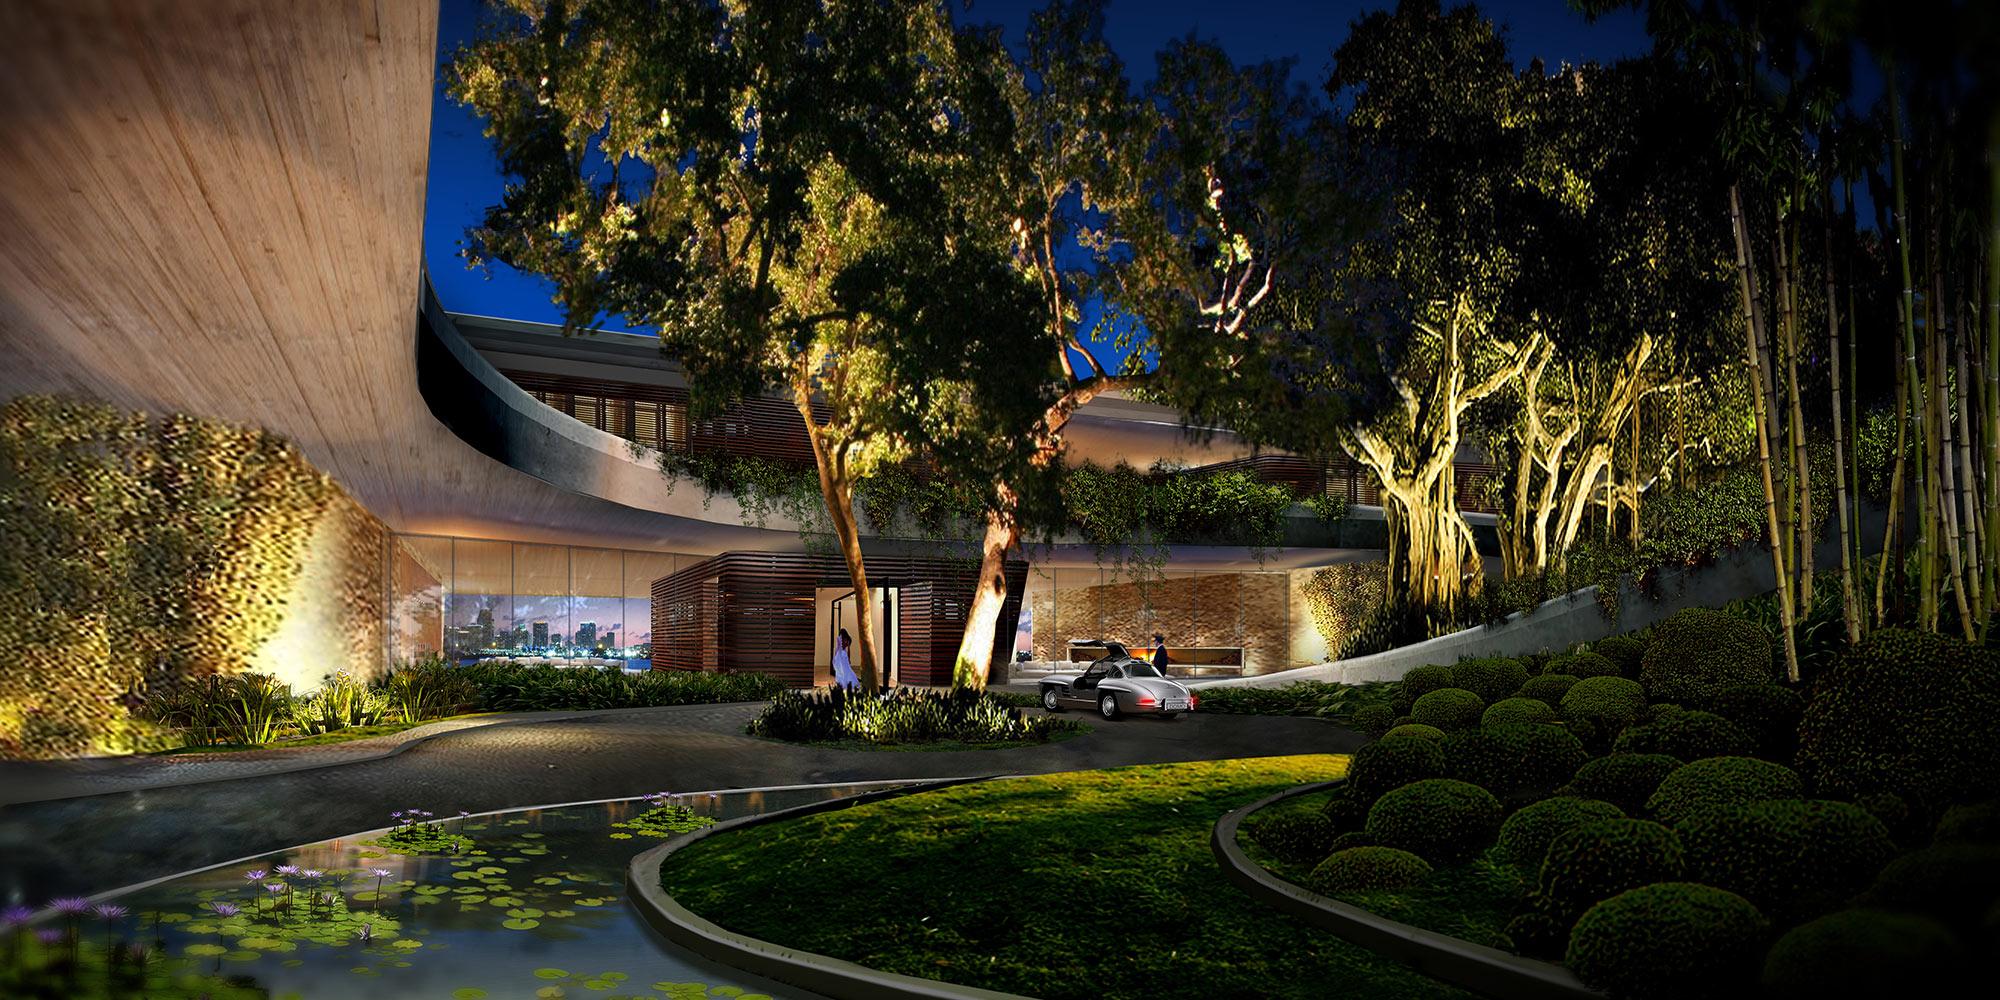 & DOMO ARCHITECTURE + DESIGN azcodes.com